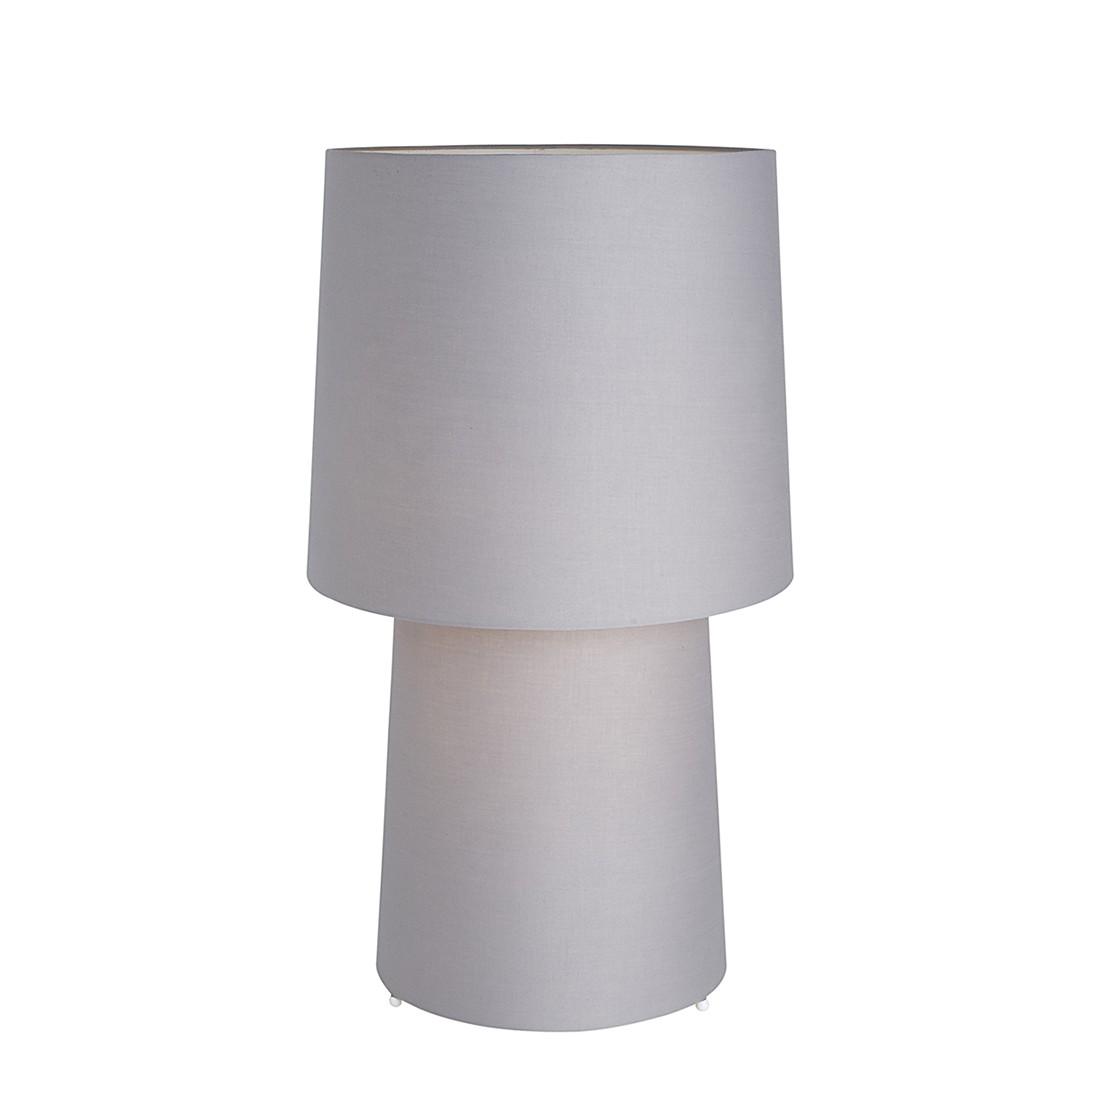 EEK A++, Lampe de table Madrid - Gris - 2 ampoules, Villeroy und Boch